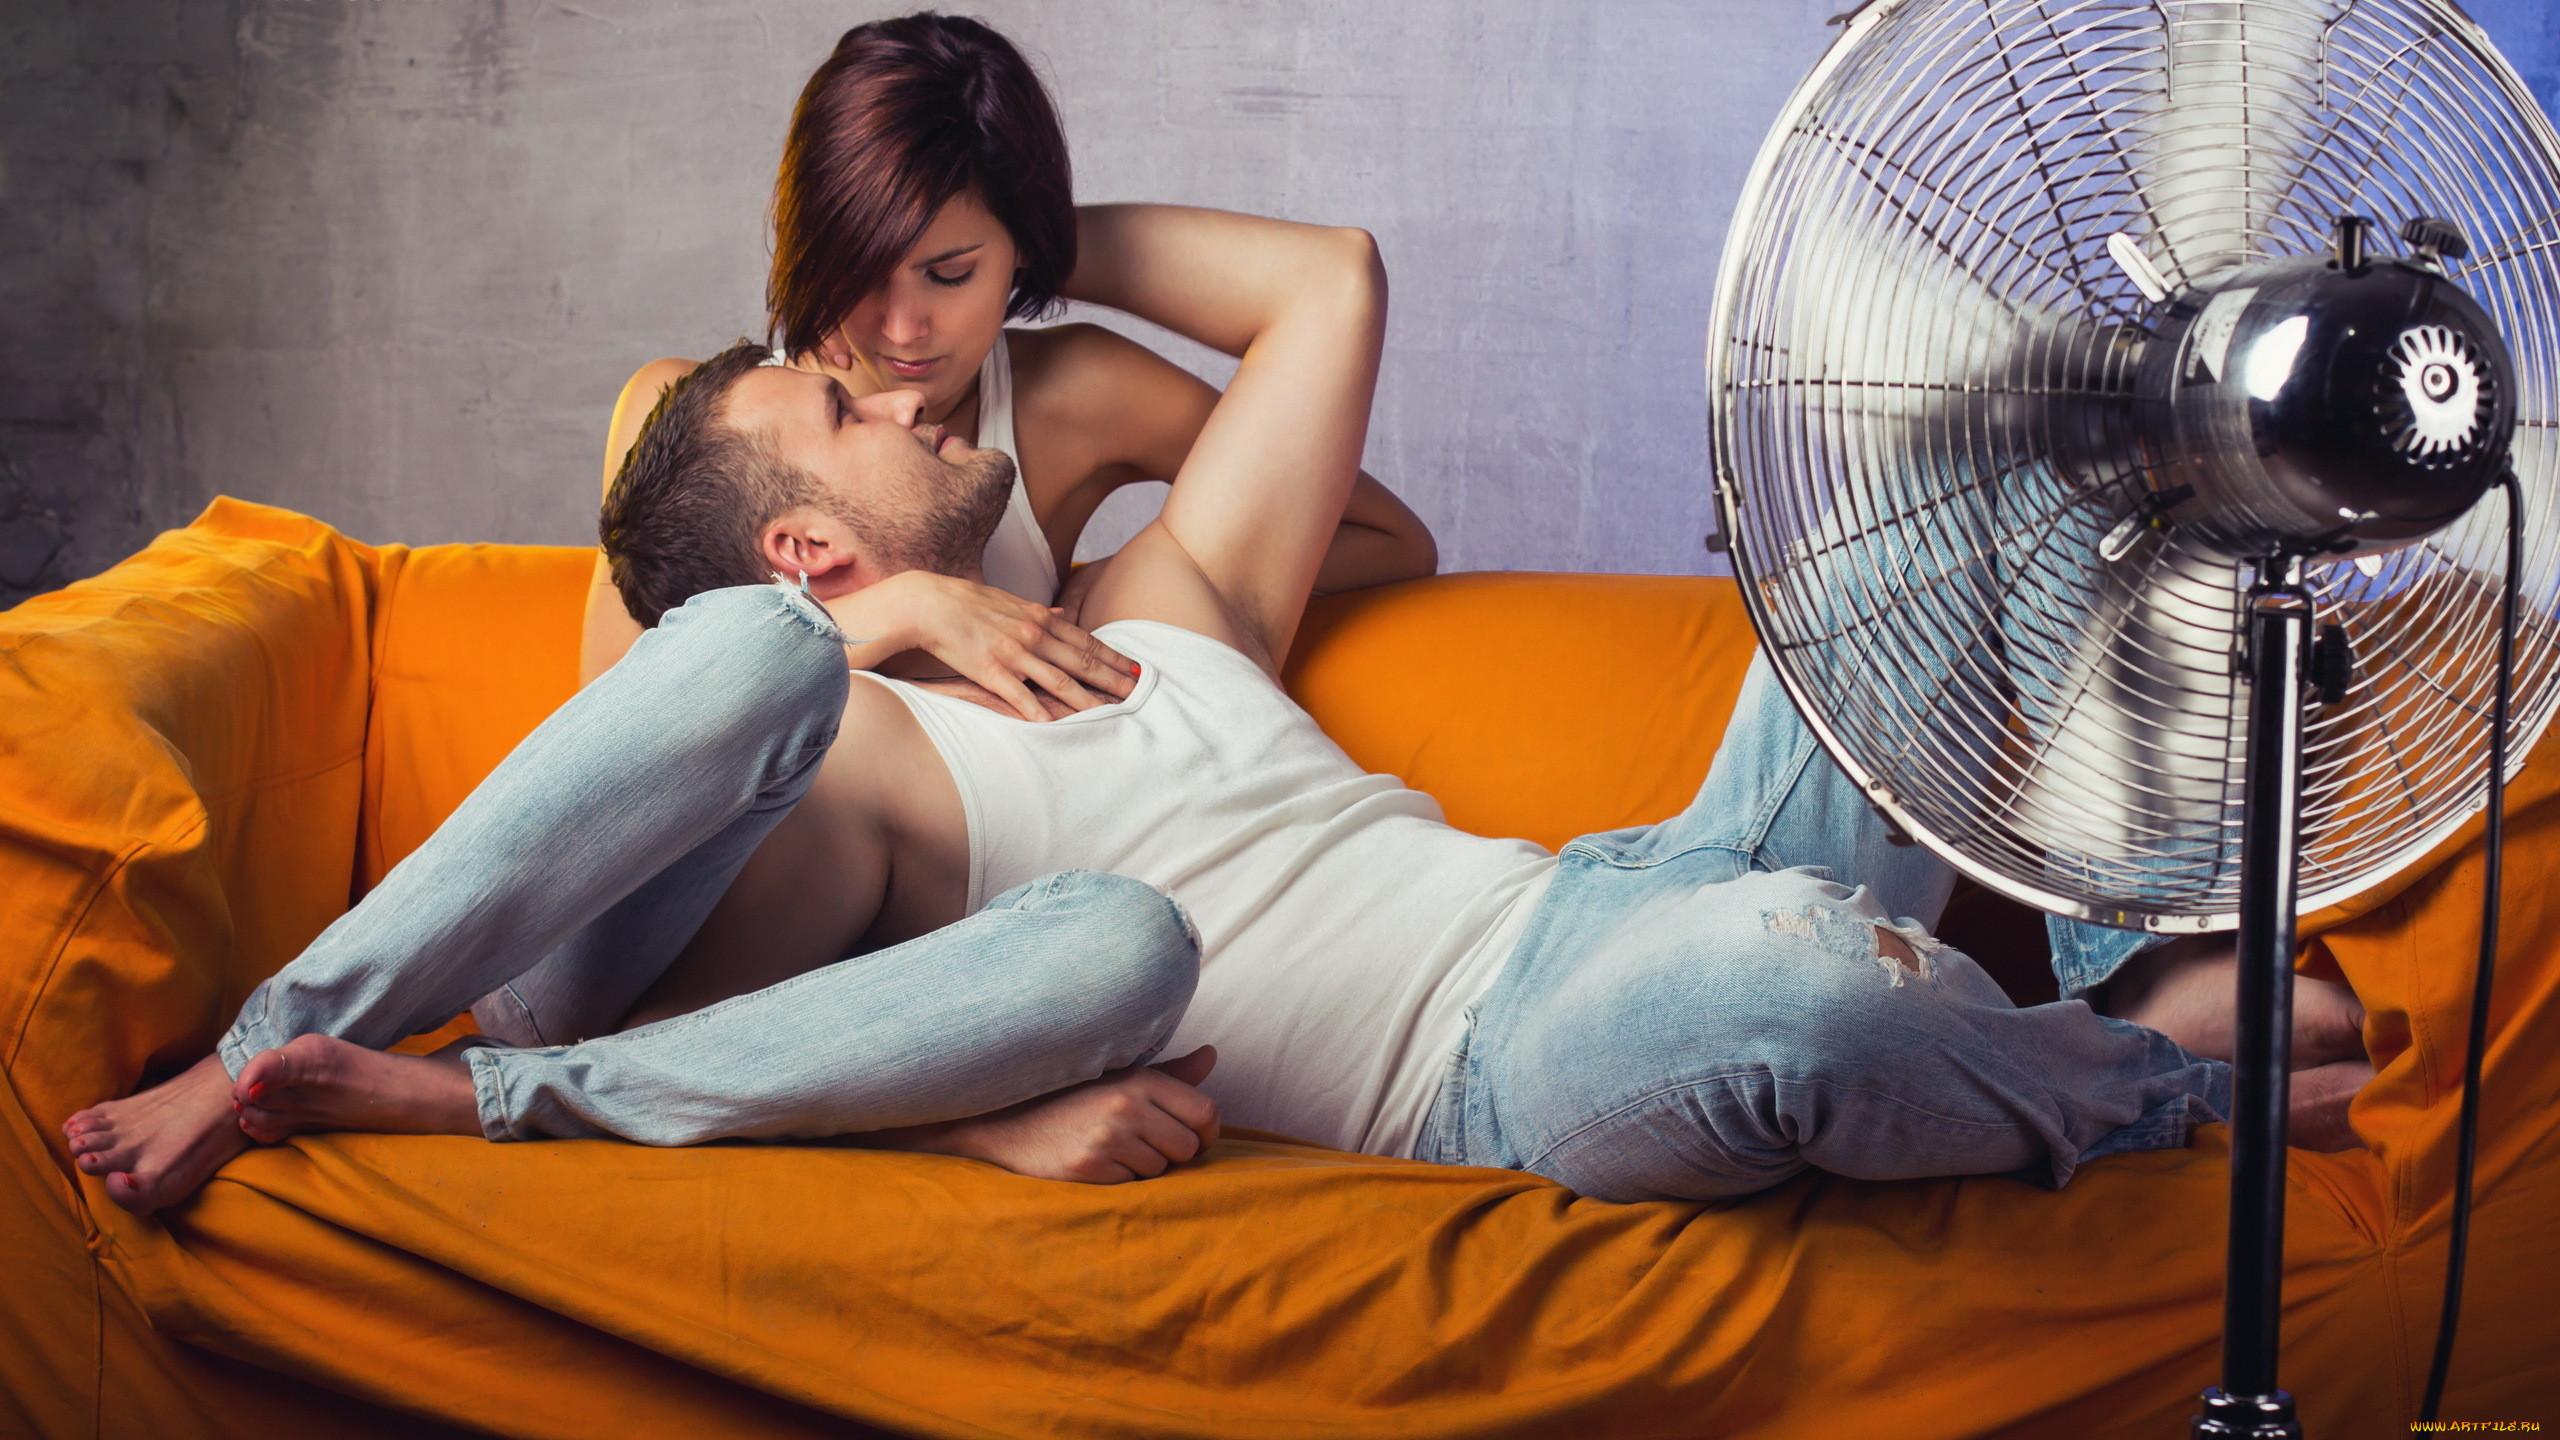 Фото парень с девушкой сидят на диване 19 фотография